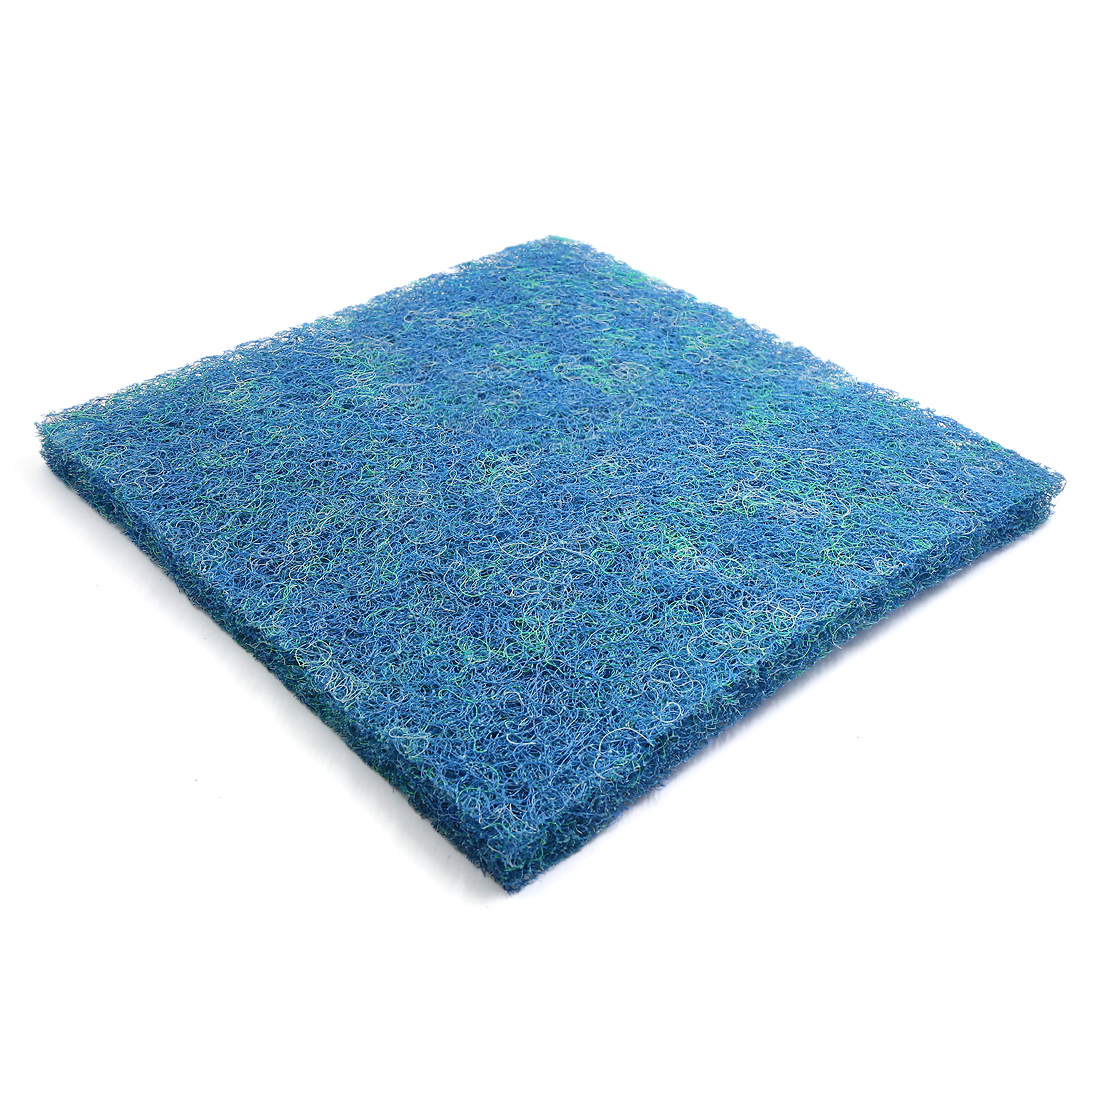 """Blue Rectangular Bio Chemical Mat Filter Sponge for Betta Aquarium 19.7"""" x 19.7"""""""